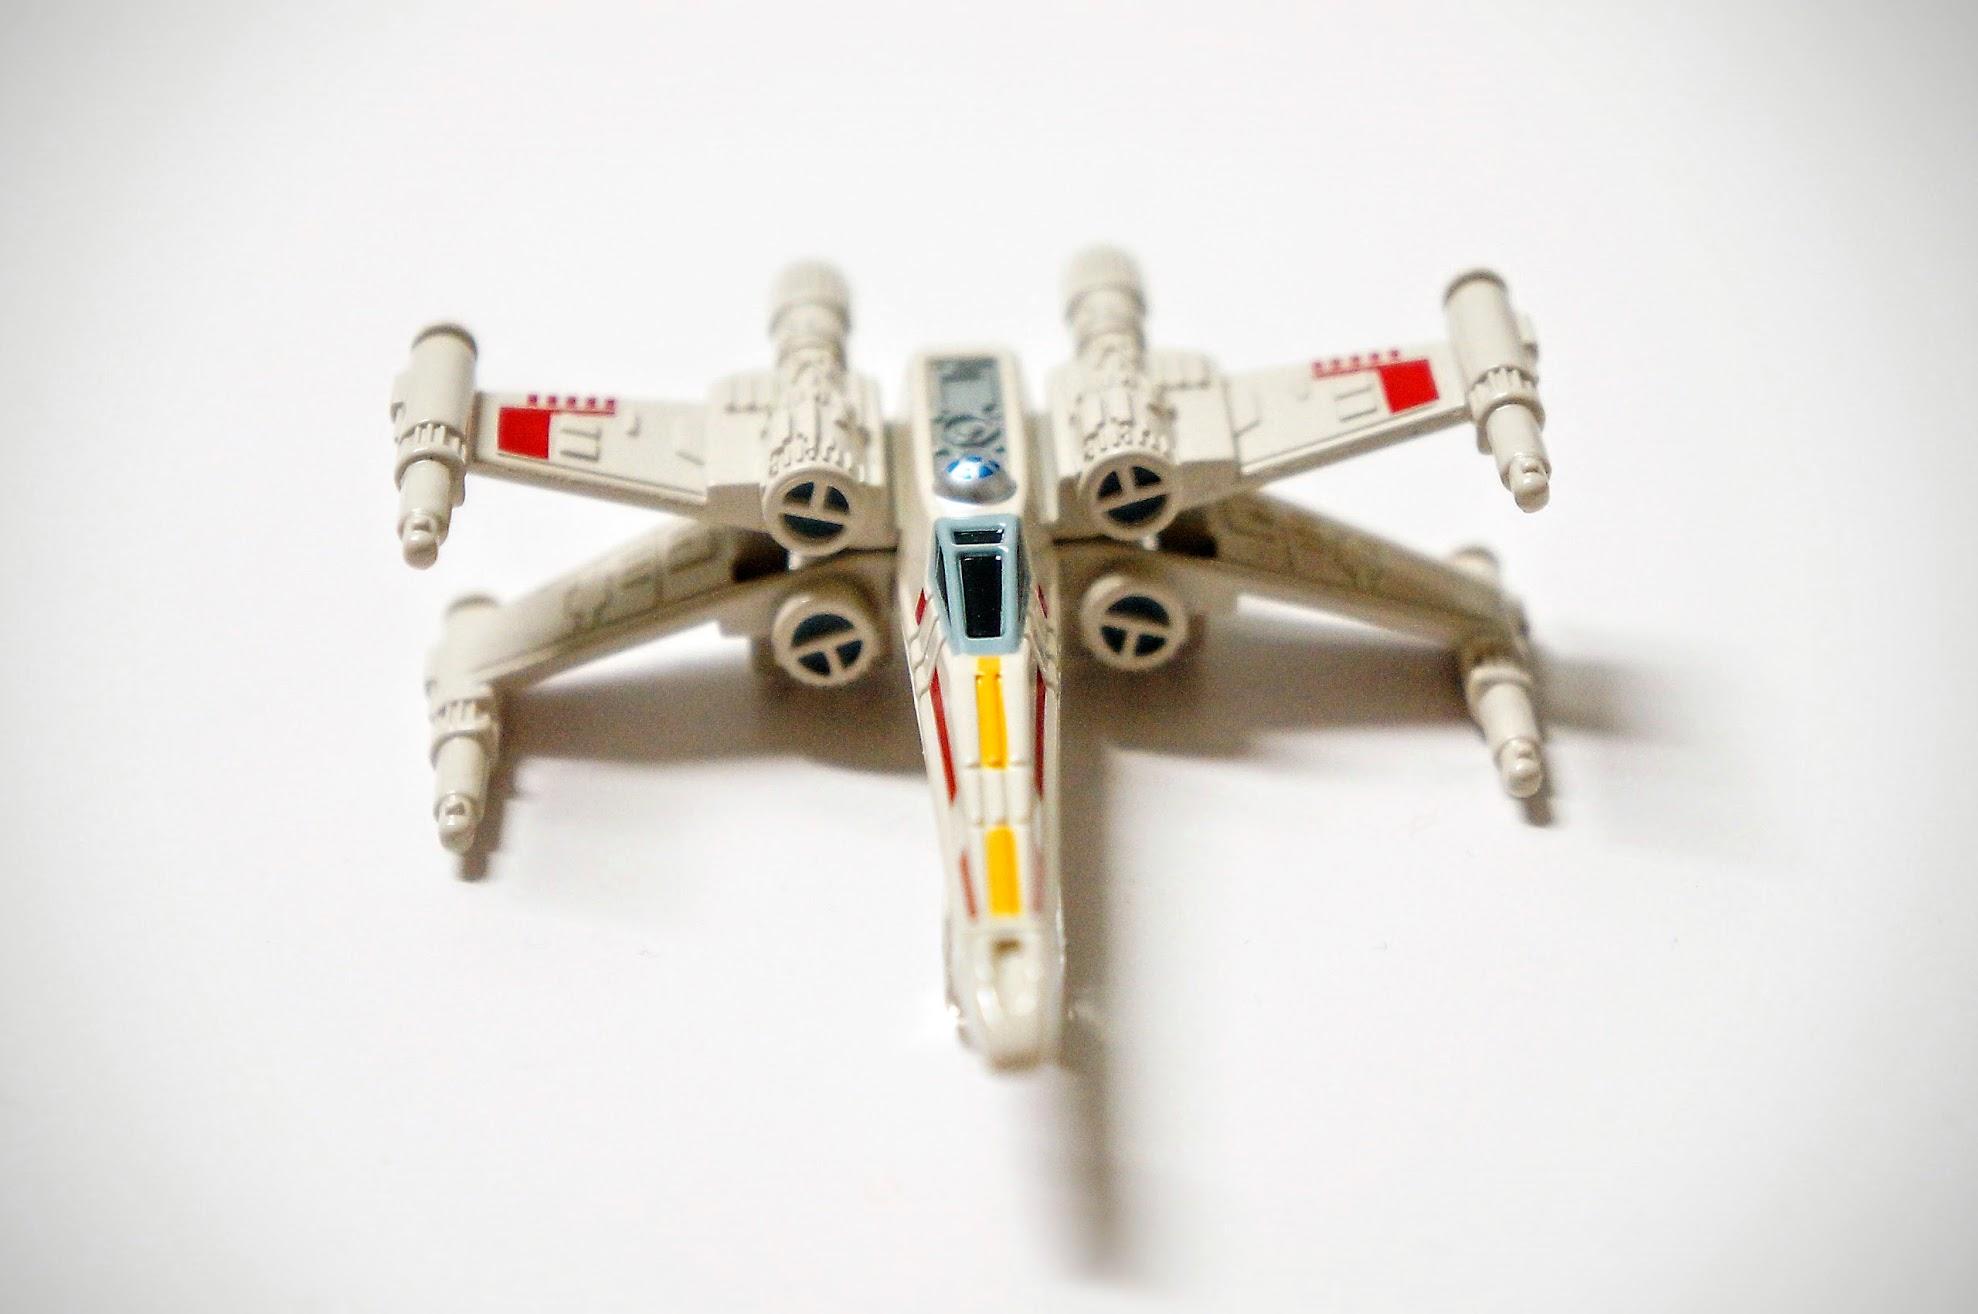 X-wing!! 我以前最愛這一台戰機,總覺得造型太吸引我了啊..